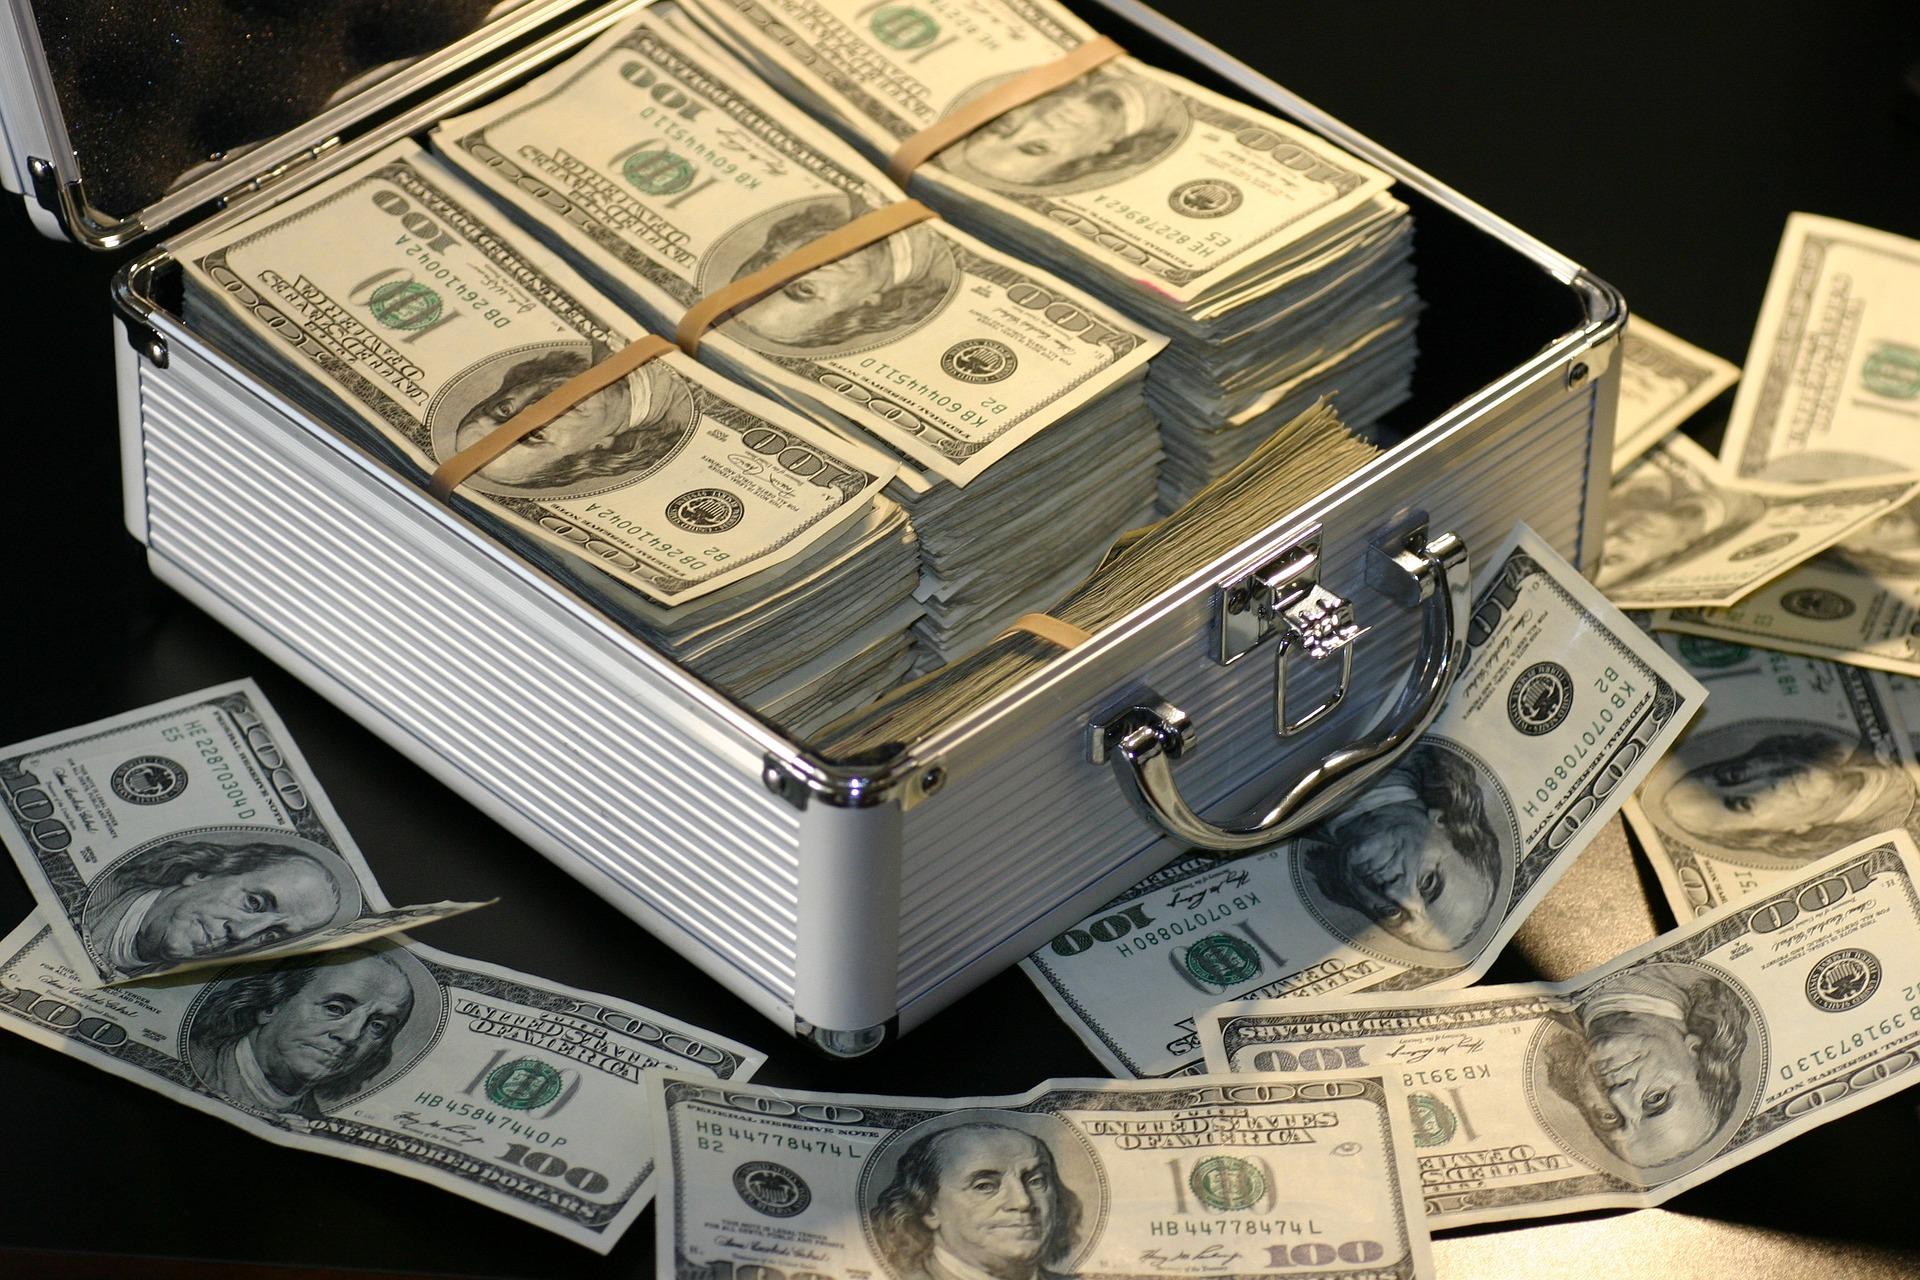 【実話】ネズミ講、マルチ商法は違法?合計34万円騙された僕の見解